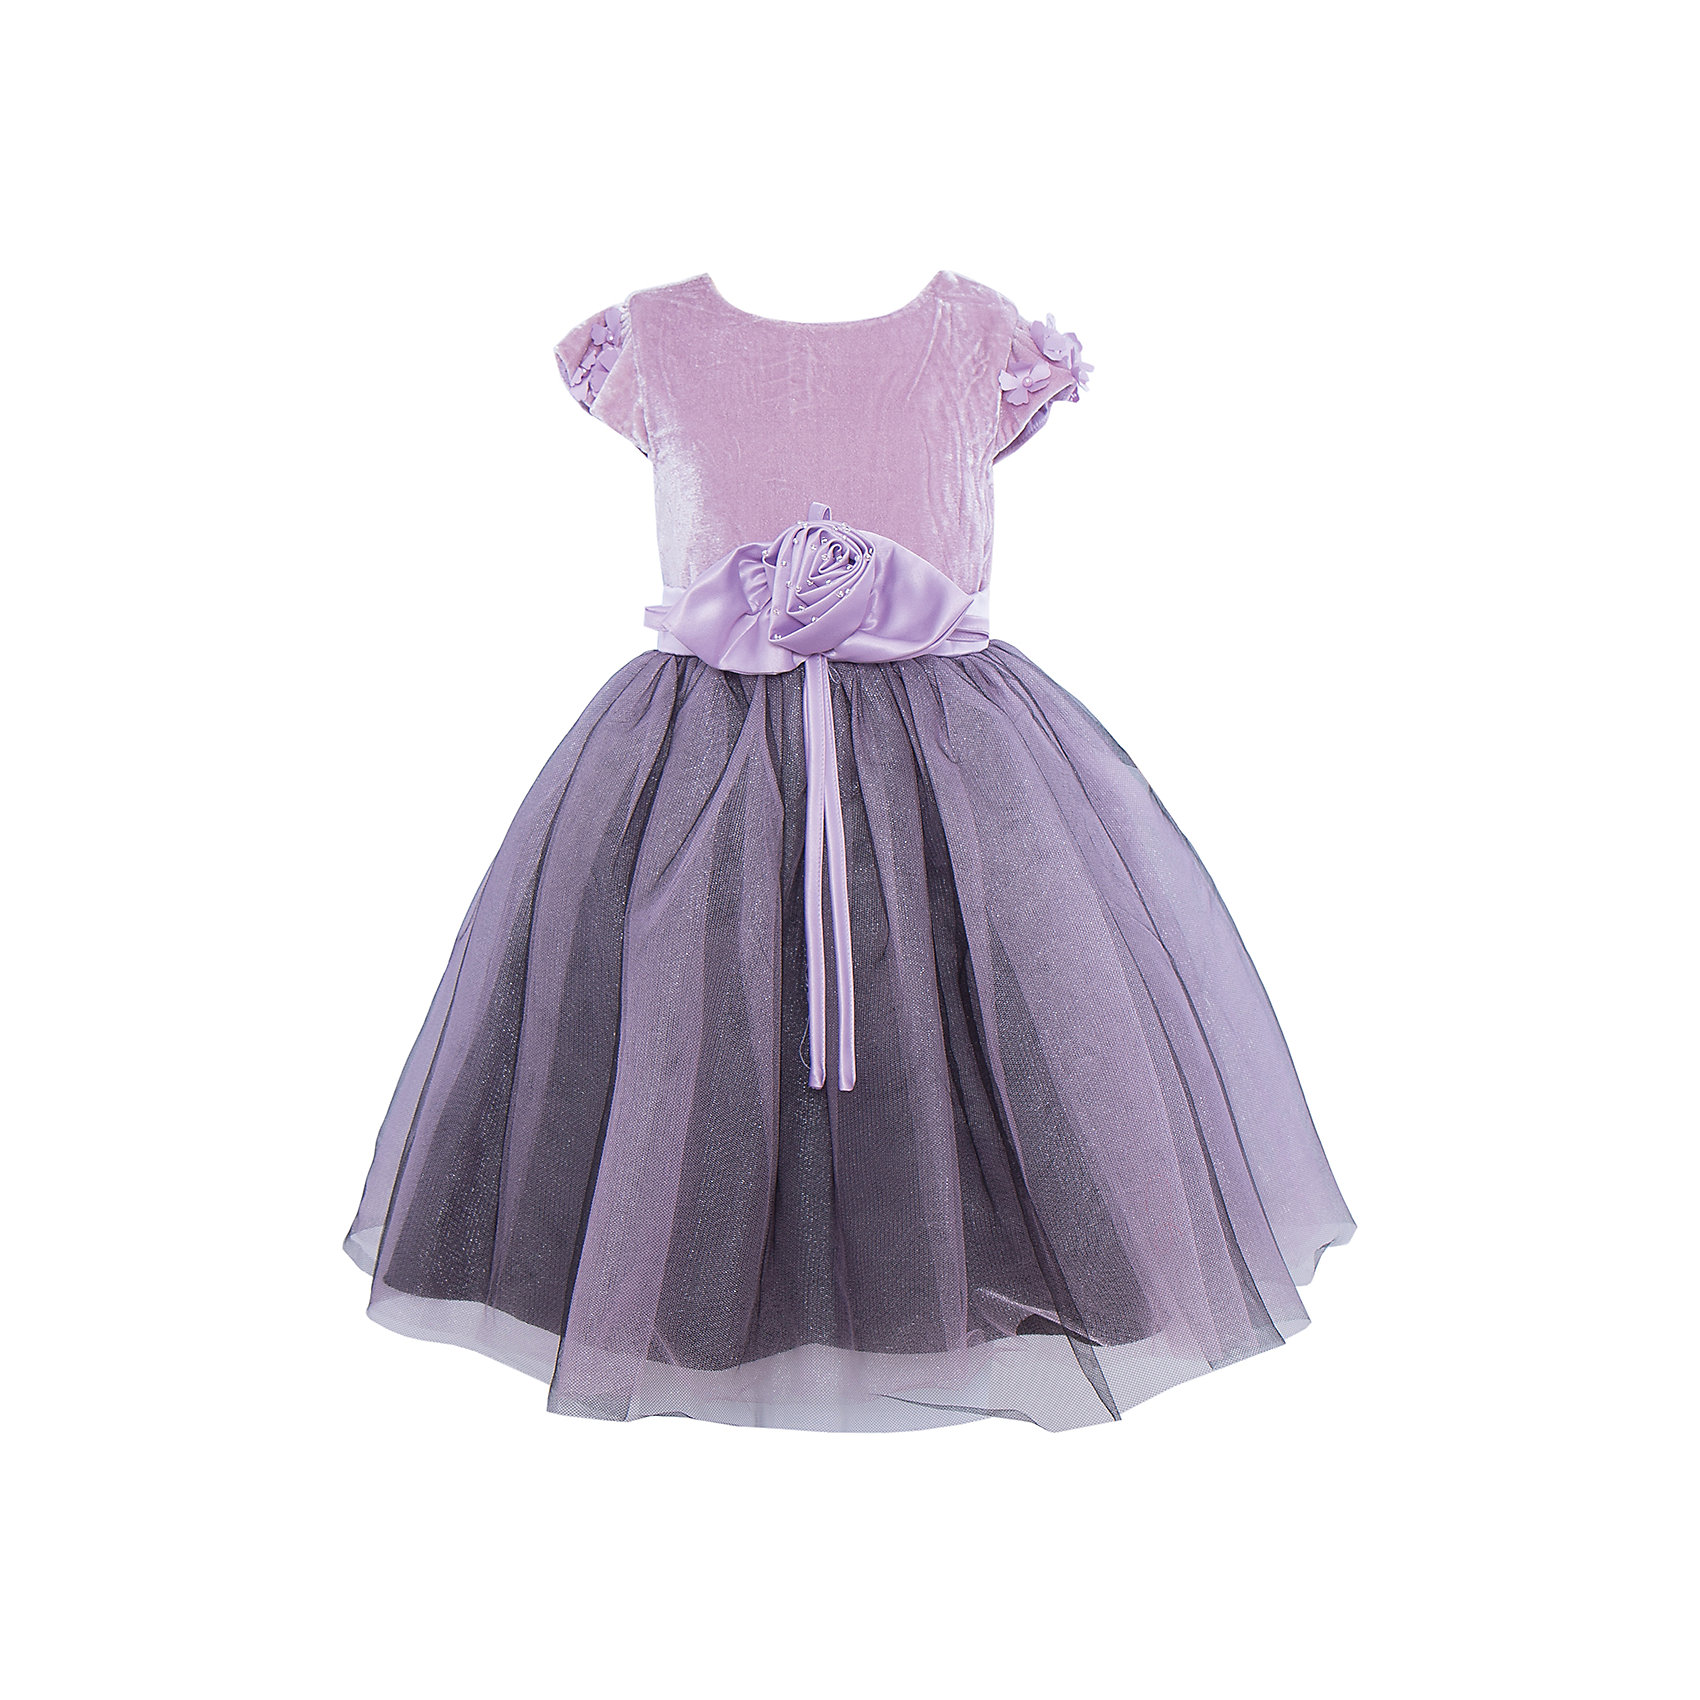 Нарядное платье для девочки Sweet BerryХарактеристики:<br><br>• Вид одежды: платье<br>• Предназначение: для праздника, торжеств<br>• Сезон: круглый год<br>• Материал: верх – 100% полиэстер; подкладка – 100% хлопок<br>• Цвет: пурпурно-лиловый<br>• Силуэт: классический А-силуэт<br>• Длина платья: миди<br>• Вырез горловины: круглый<br>• Длина рукава: короткий<br>• Наличие пояса, декорированного текстильным цветком и бисером<br>• Застежка: молния на спинке<br>• Особенности ухода: ручная стирка без применения отбеливающих средств, глажение при низкой температуре <br><br>Sweet Berry – это производитель, который сочетает в своей одежде функциональность, качество, стиль и следование современным мировым тенденциям в детской текстильной индустрии. <br>Комбинированное платье для девочки от знаменитого производителя детской одежды Sweet Berry выполнено из полиэстера с хлопковой подкладкой. Изделие имеет классический силуэт с отрезной талией и пышную многослойную юбку. Пышность и объем юбке придает подъюбник. Полочка выполнена из лилового бархата, небольшие рукава оформлены текстильными цветами с бусинами в форме женчужин. Талия декорирована поясом, у которого спереди имеется атласный цветок, украшенный бисером, на спинке пояс завязывается бантом. Праздничное платье от Sweet Berry – это залог успеха вашего ребенка на любом торжестве!<br><br>Платье для девочки Sweet Berry можно купить в нашем интернет-магазине.<br><br>Ширина мм: 236<br>Глубина мм: 16<br>Высота мм: 184<br>Вес г: 177<br>Цвет: фиолетовый<br>Возраст от месяцев: 24<br>Возраст до месяцев: 36<br>Пол: Женский<br>Возраст: Детский<br>Размер: 98,104,128,122,116,110<br>SKU: 5052140